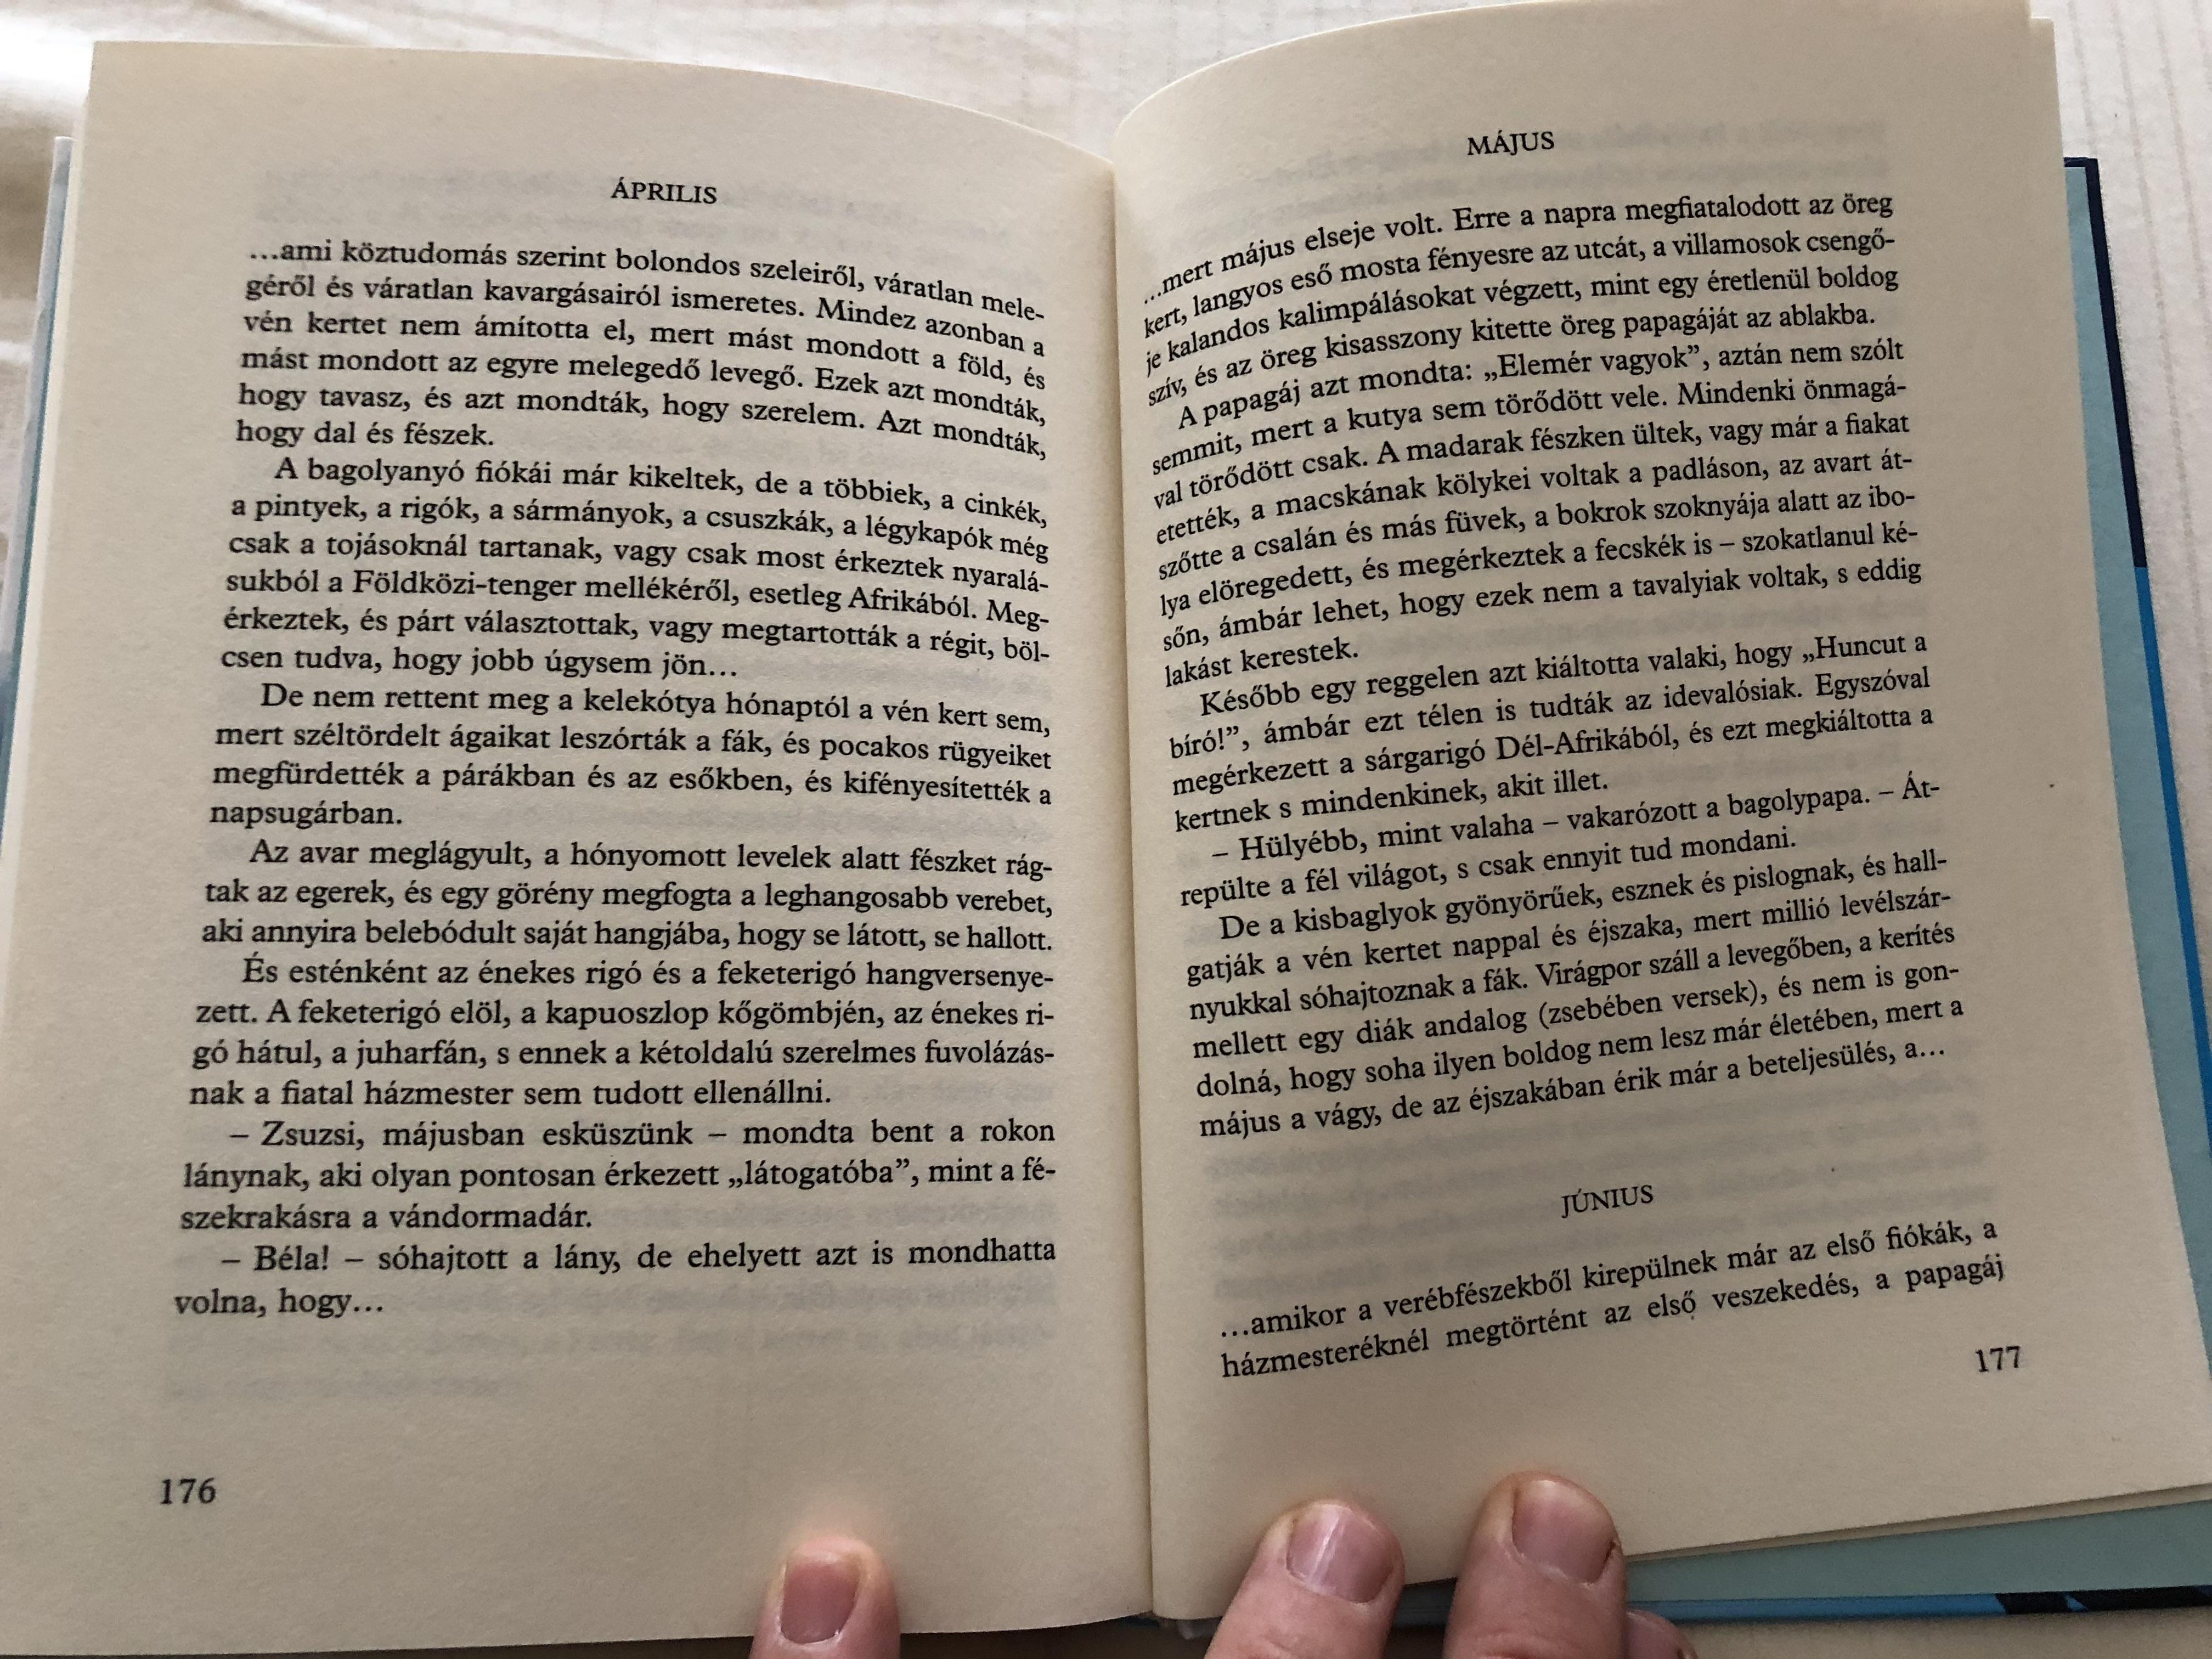 -cs-s-m-s-elbesz-l-sek-by-fekete-istv-n-m-ra-k-nyvkiad-2011-hardcover-hungarian-stories-by-istv-n-fekete-8-.jpg